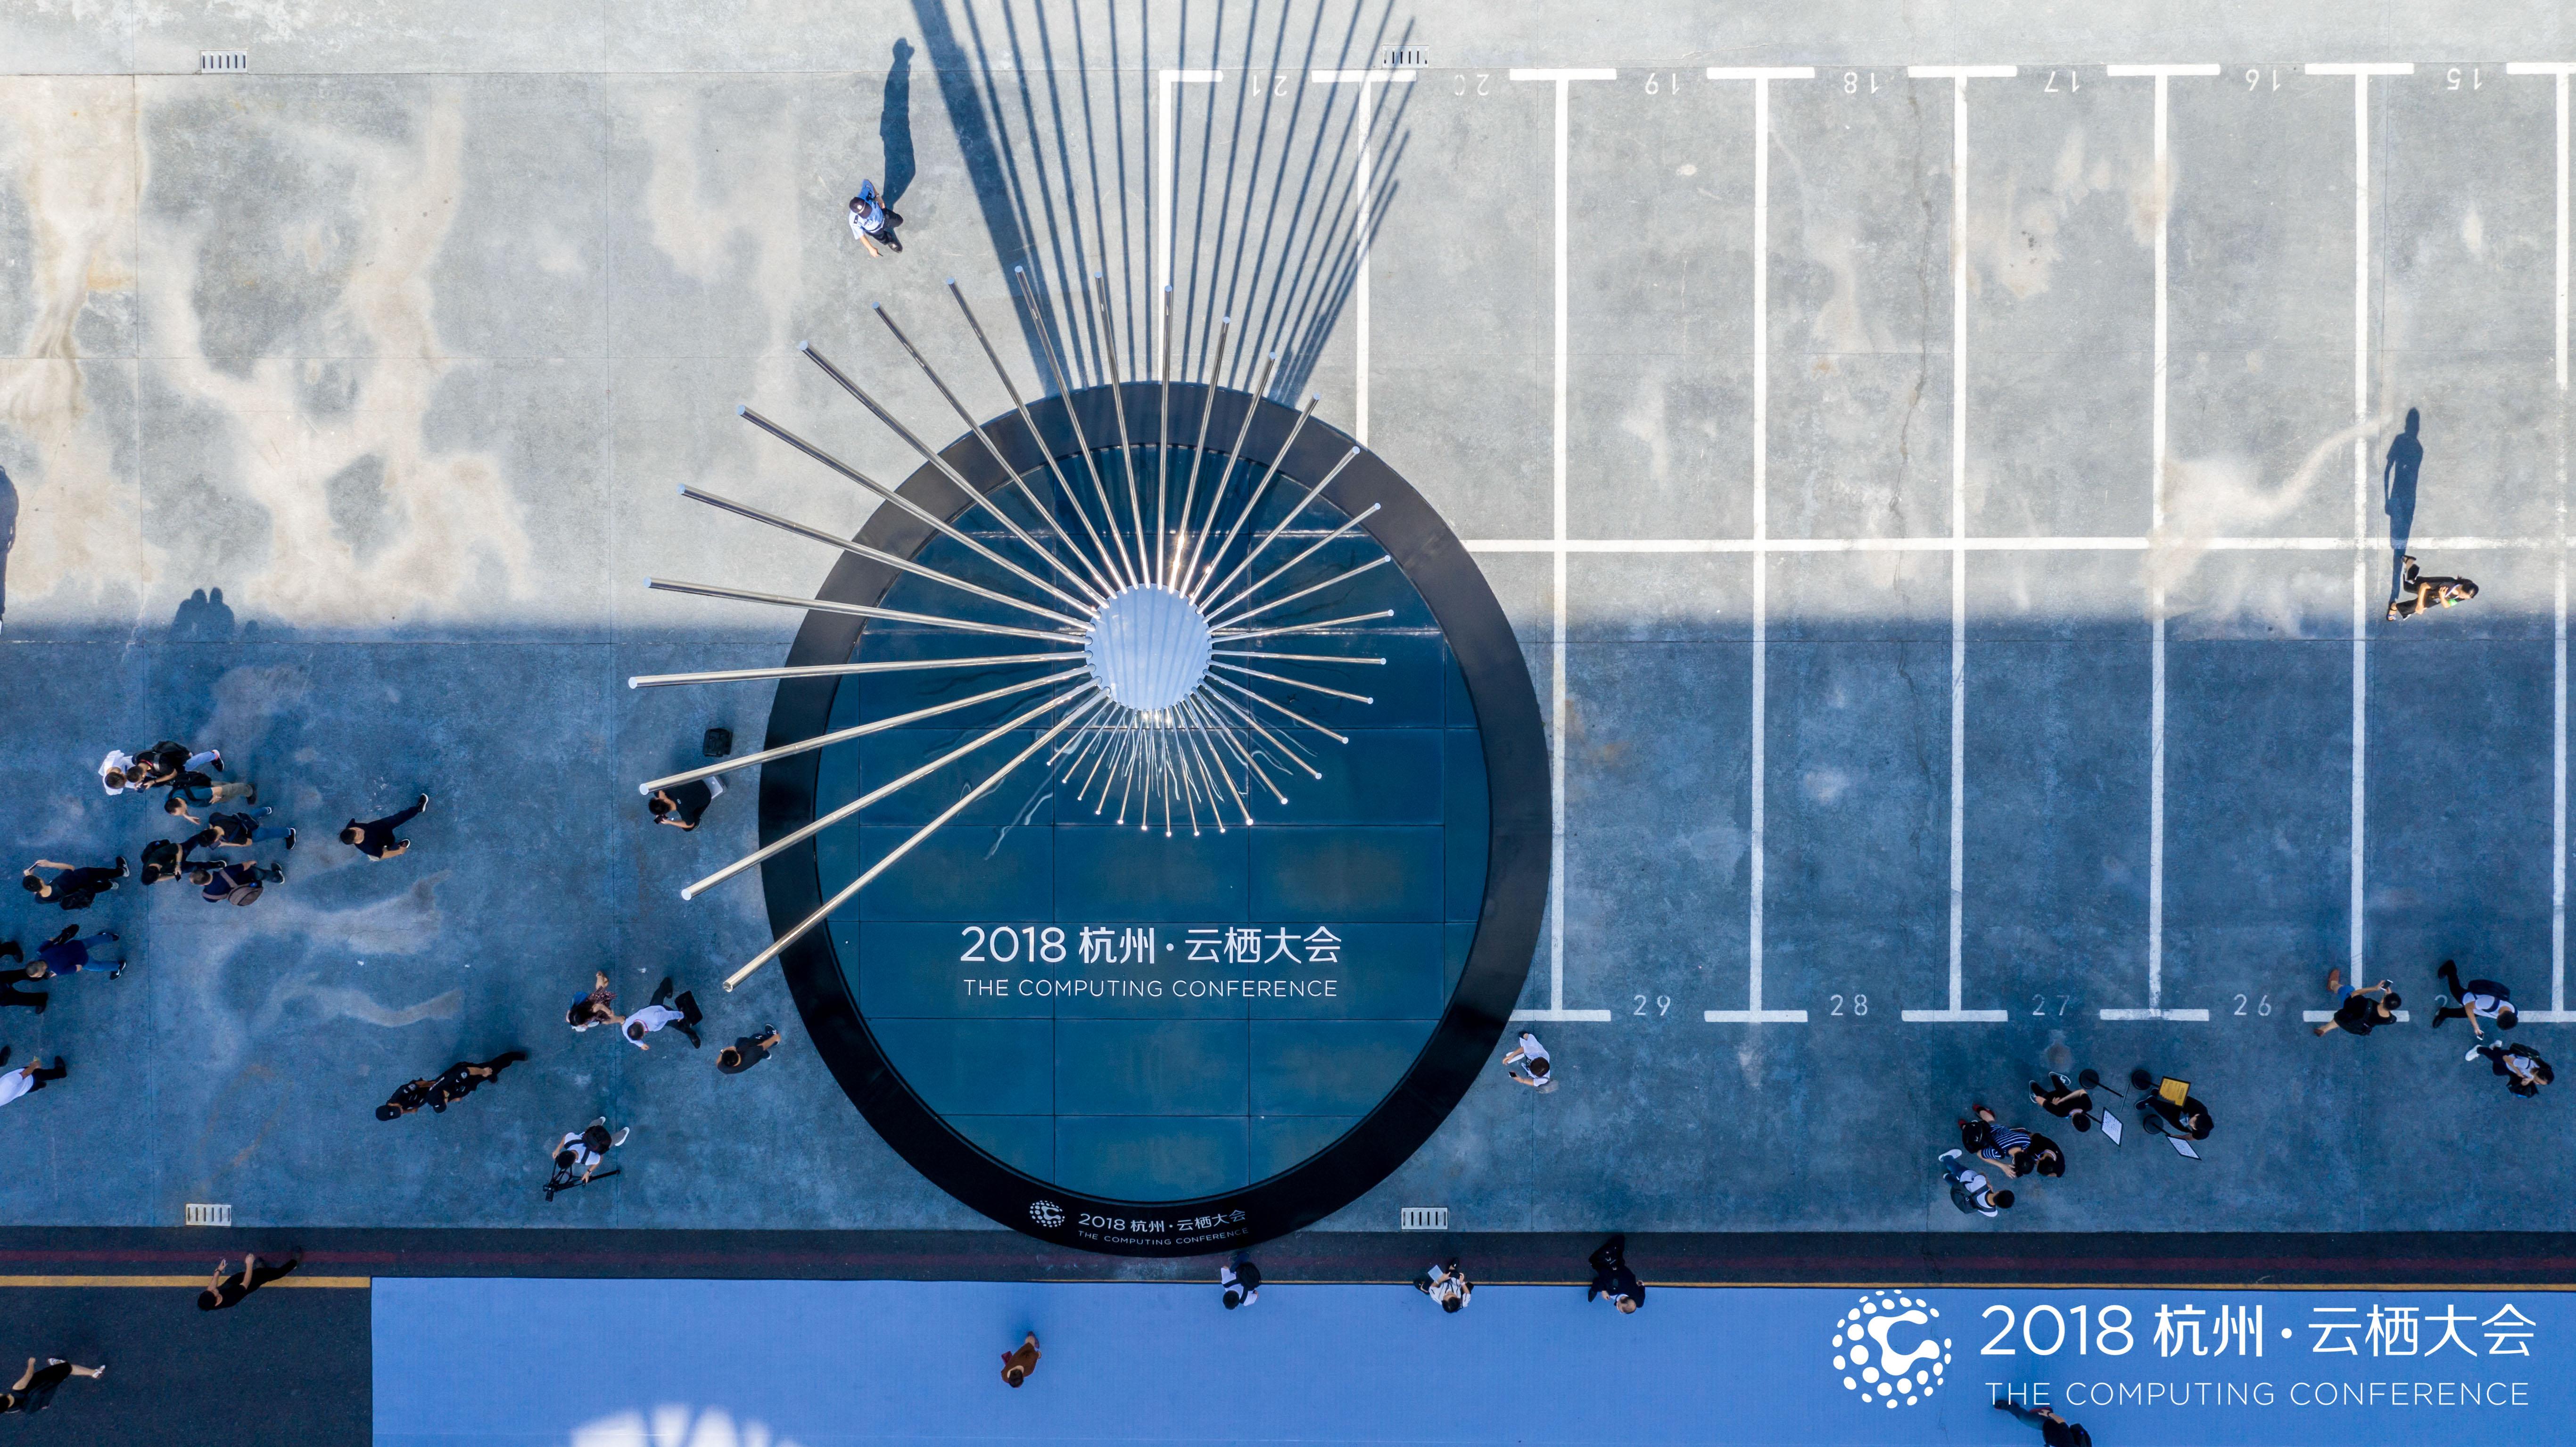 """云栖小镇""""蝶变"""":名企云集 云产值将破200亿"""